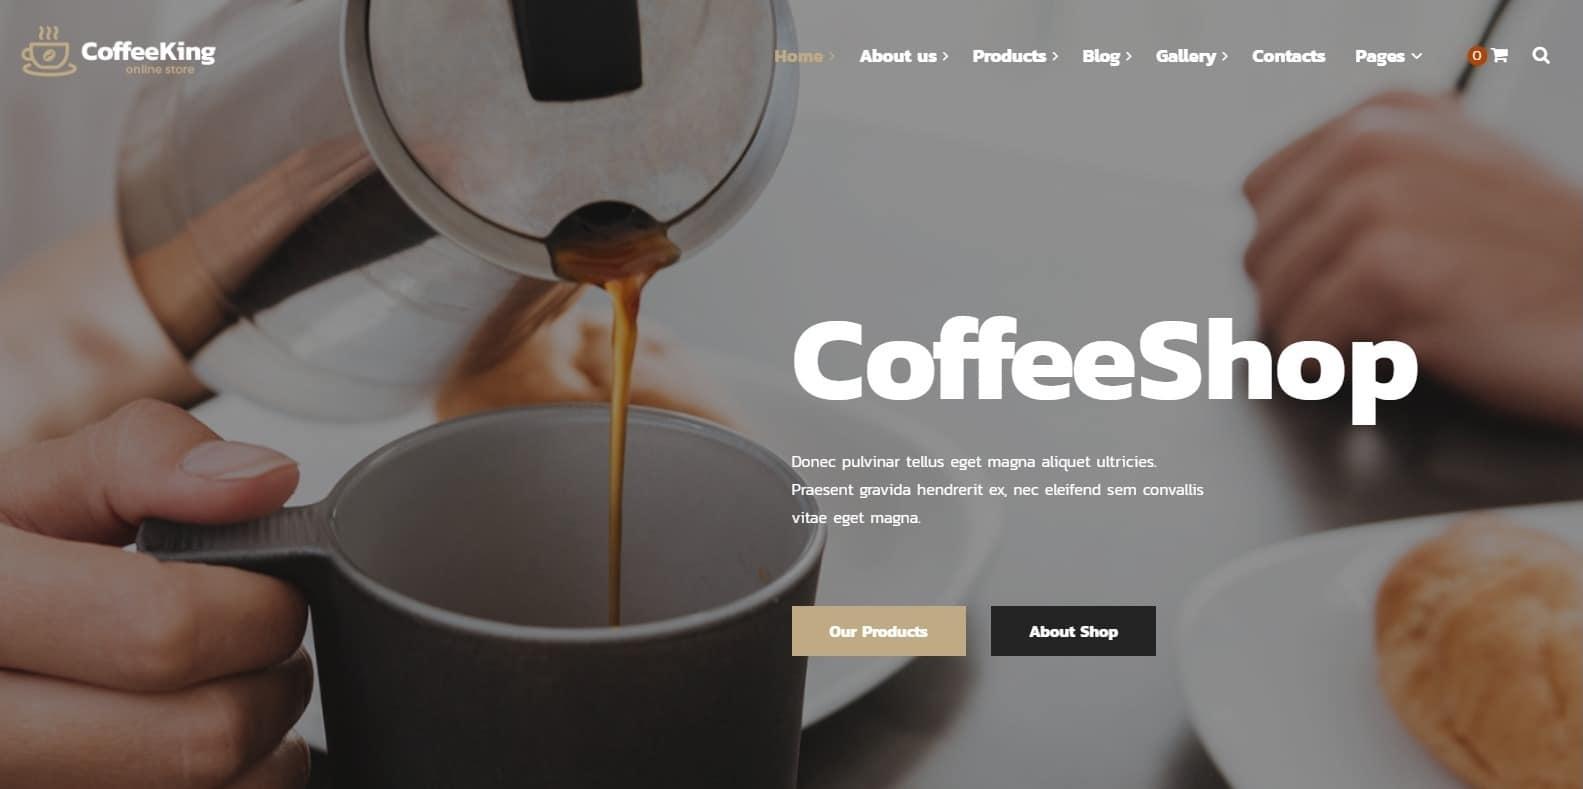 coffeeking-coffee-shop-website-template